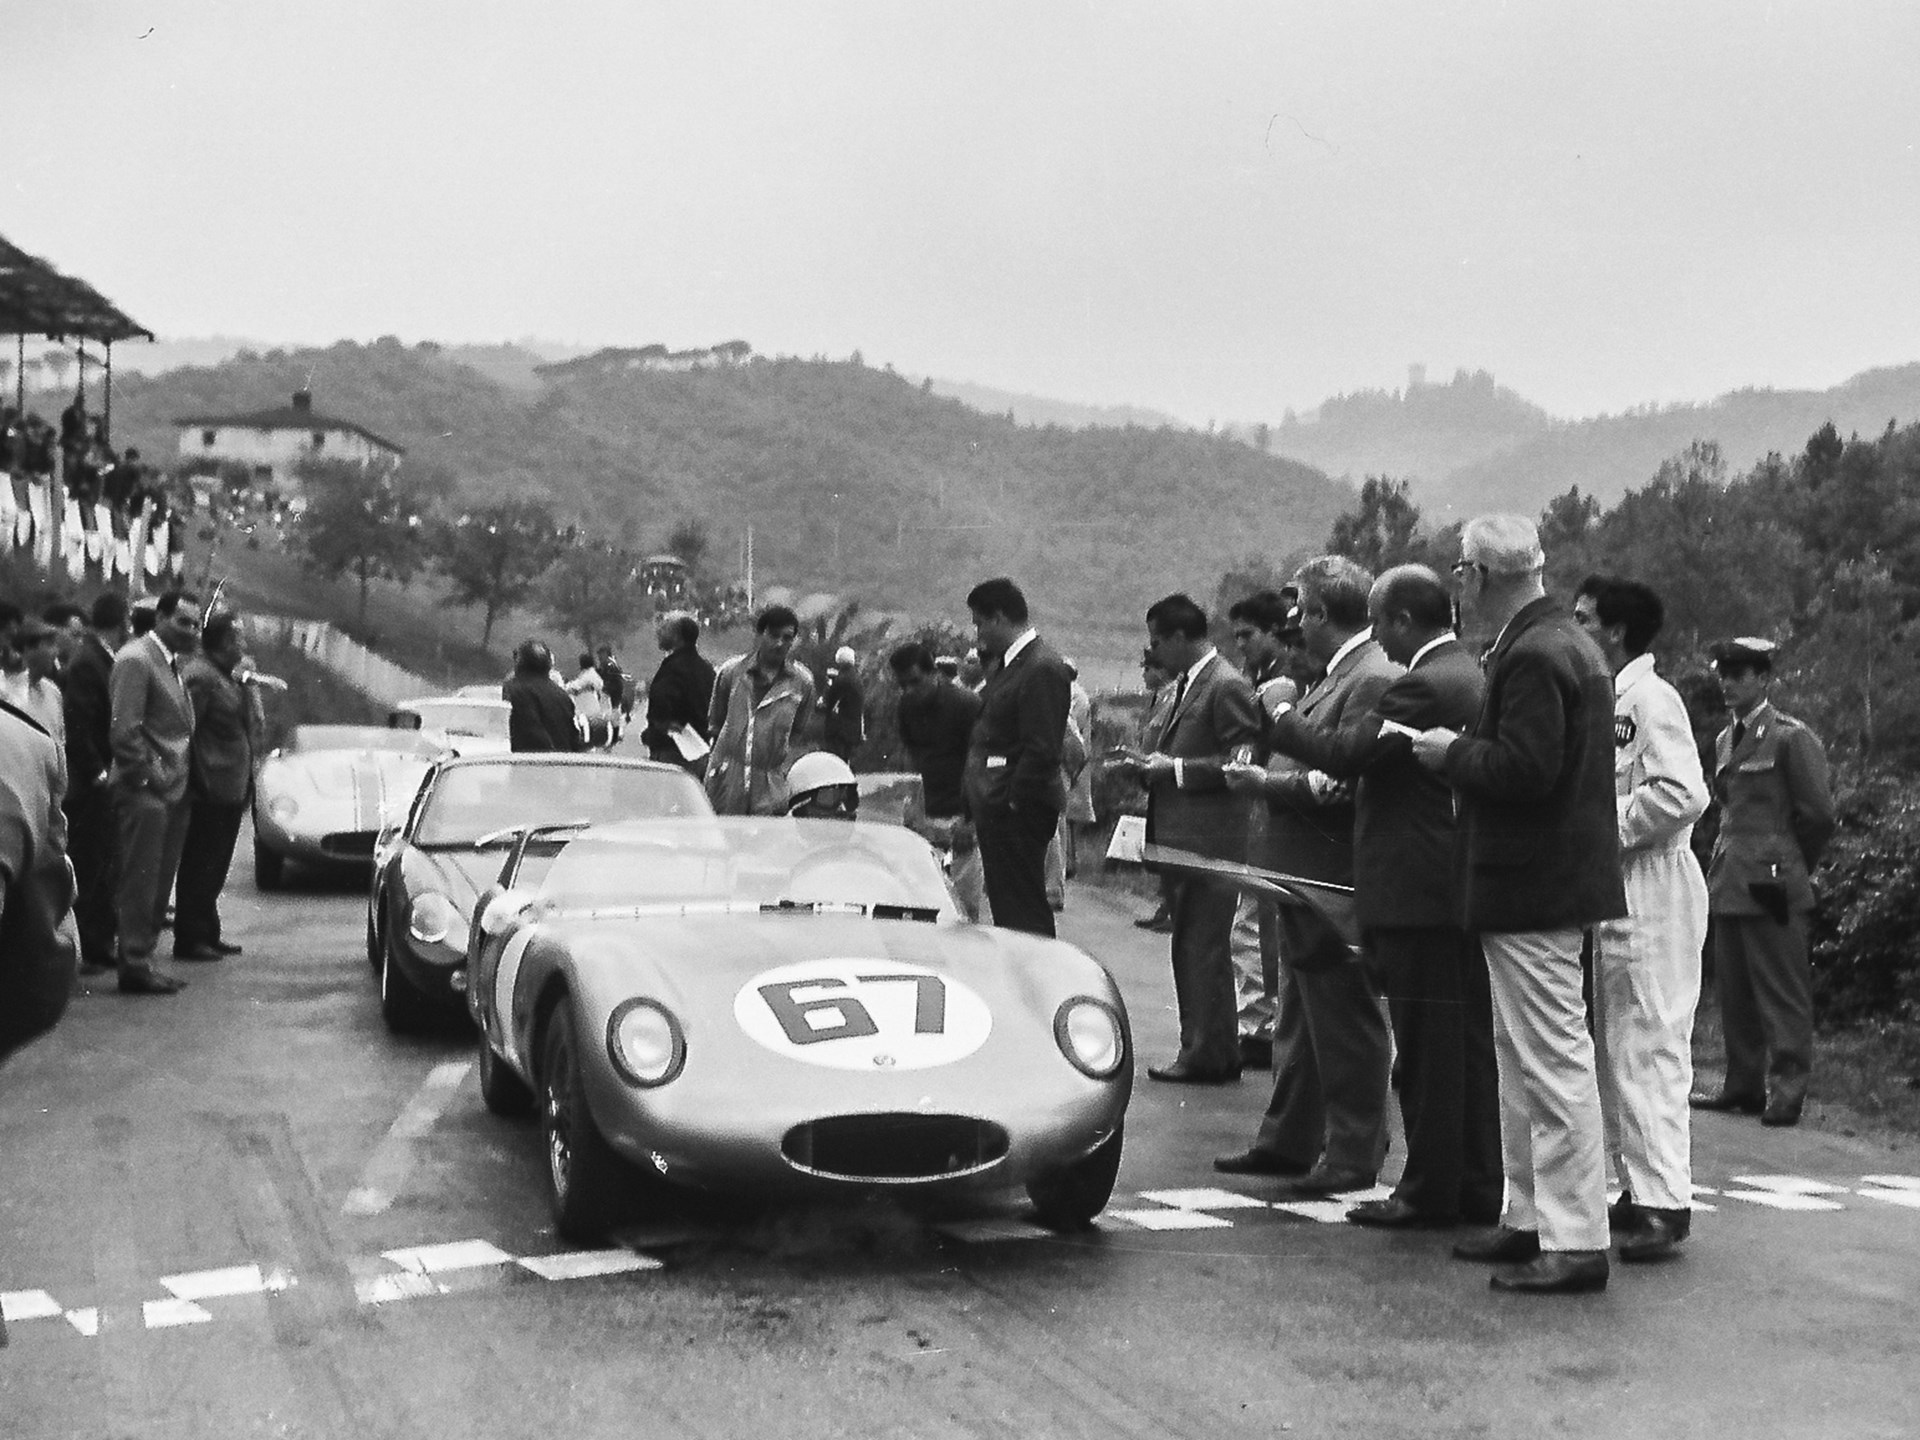 The OSCA at Mugello in 1965.